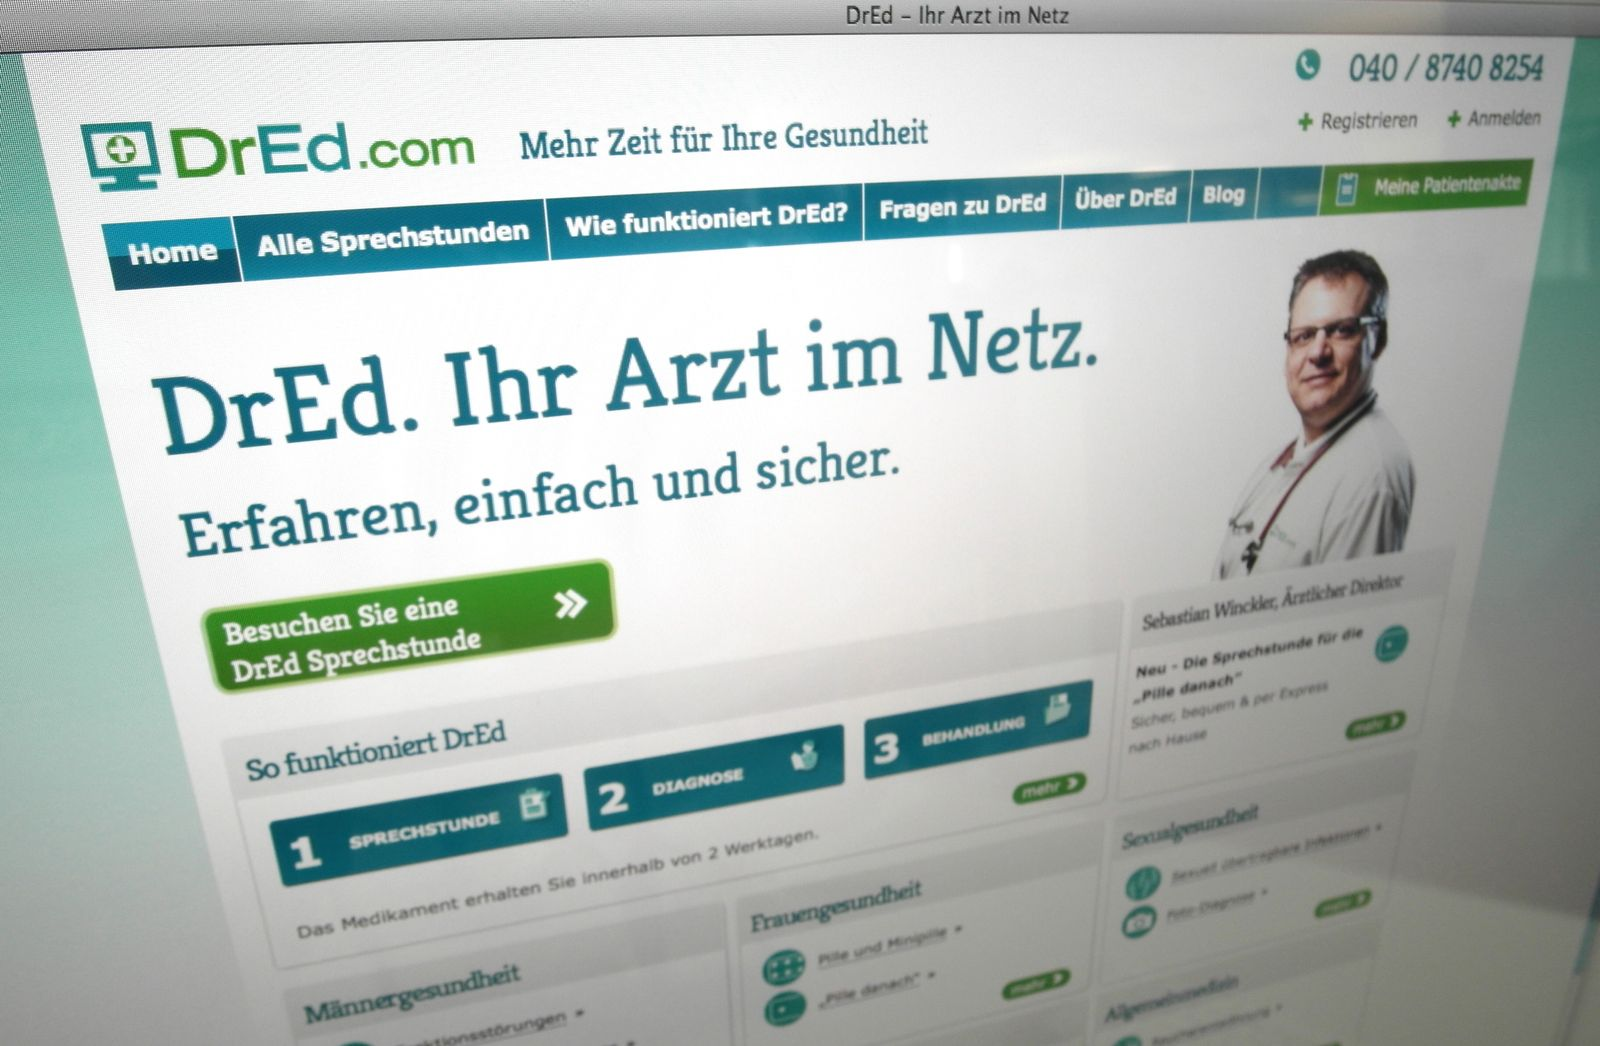 SCREENSHOT Dr Ed / Arzt im Netz